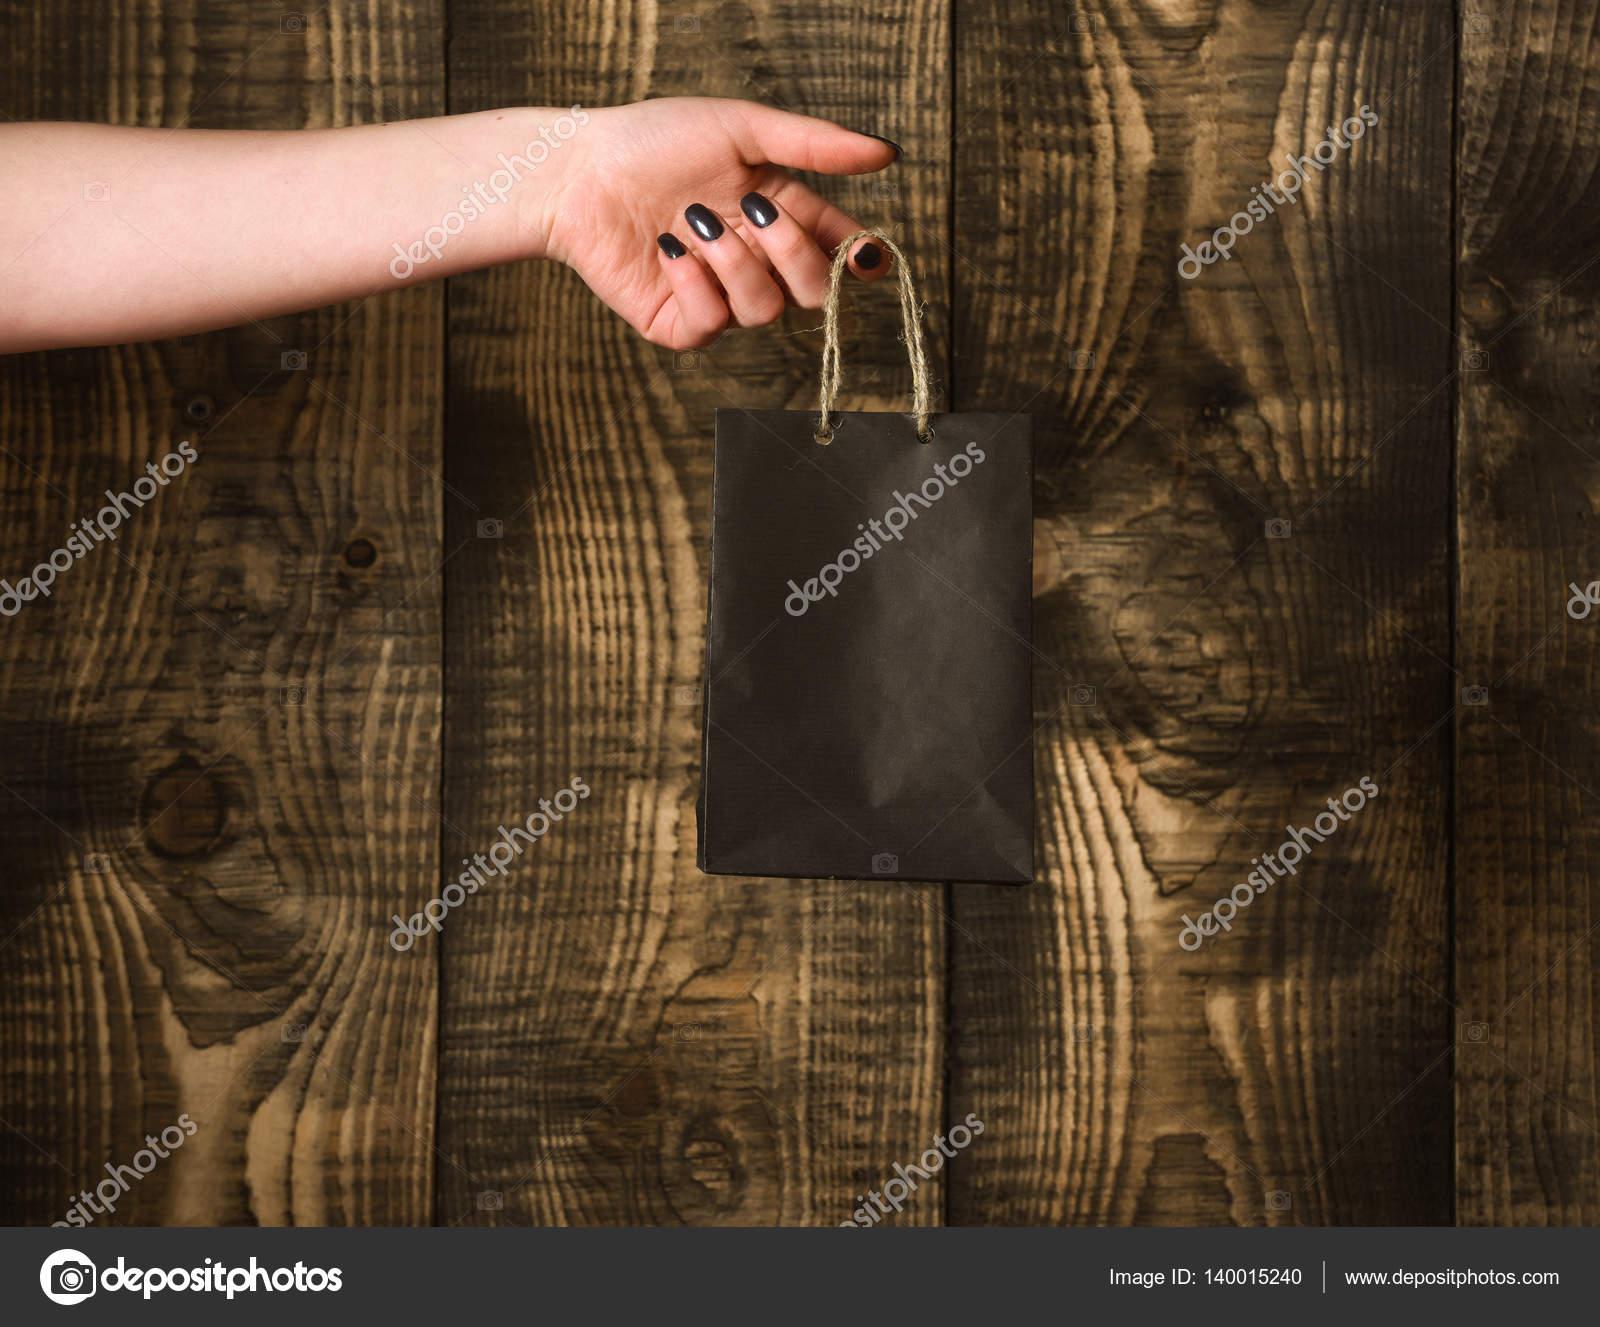 Bolso de compras negro en mano mujer sobre fondo de madera